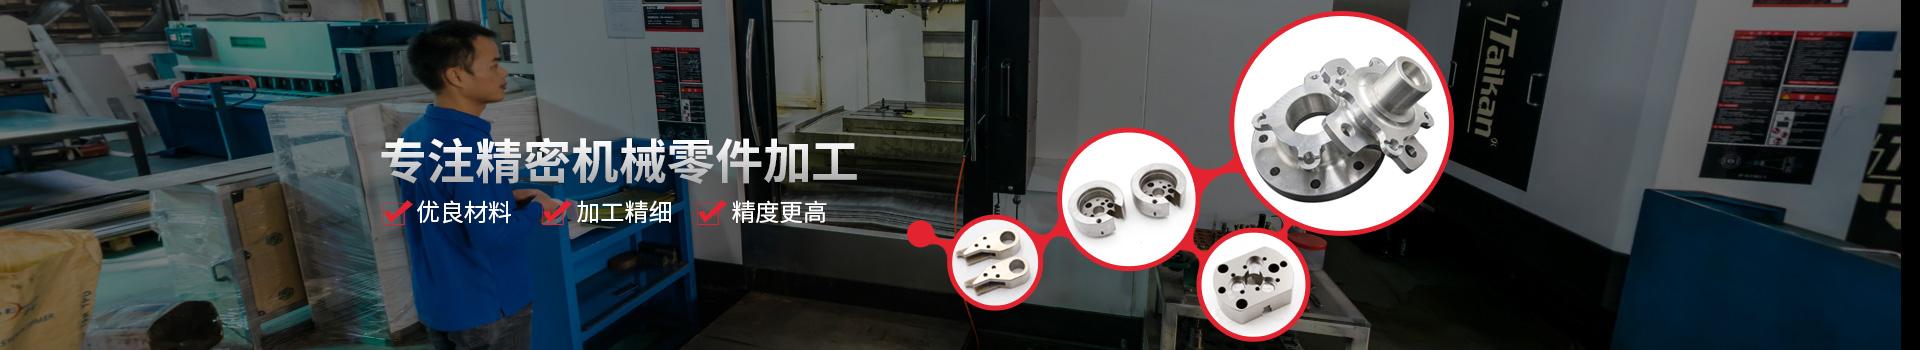 CNC精密塑胶加工